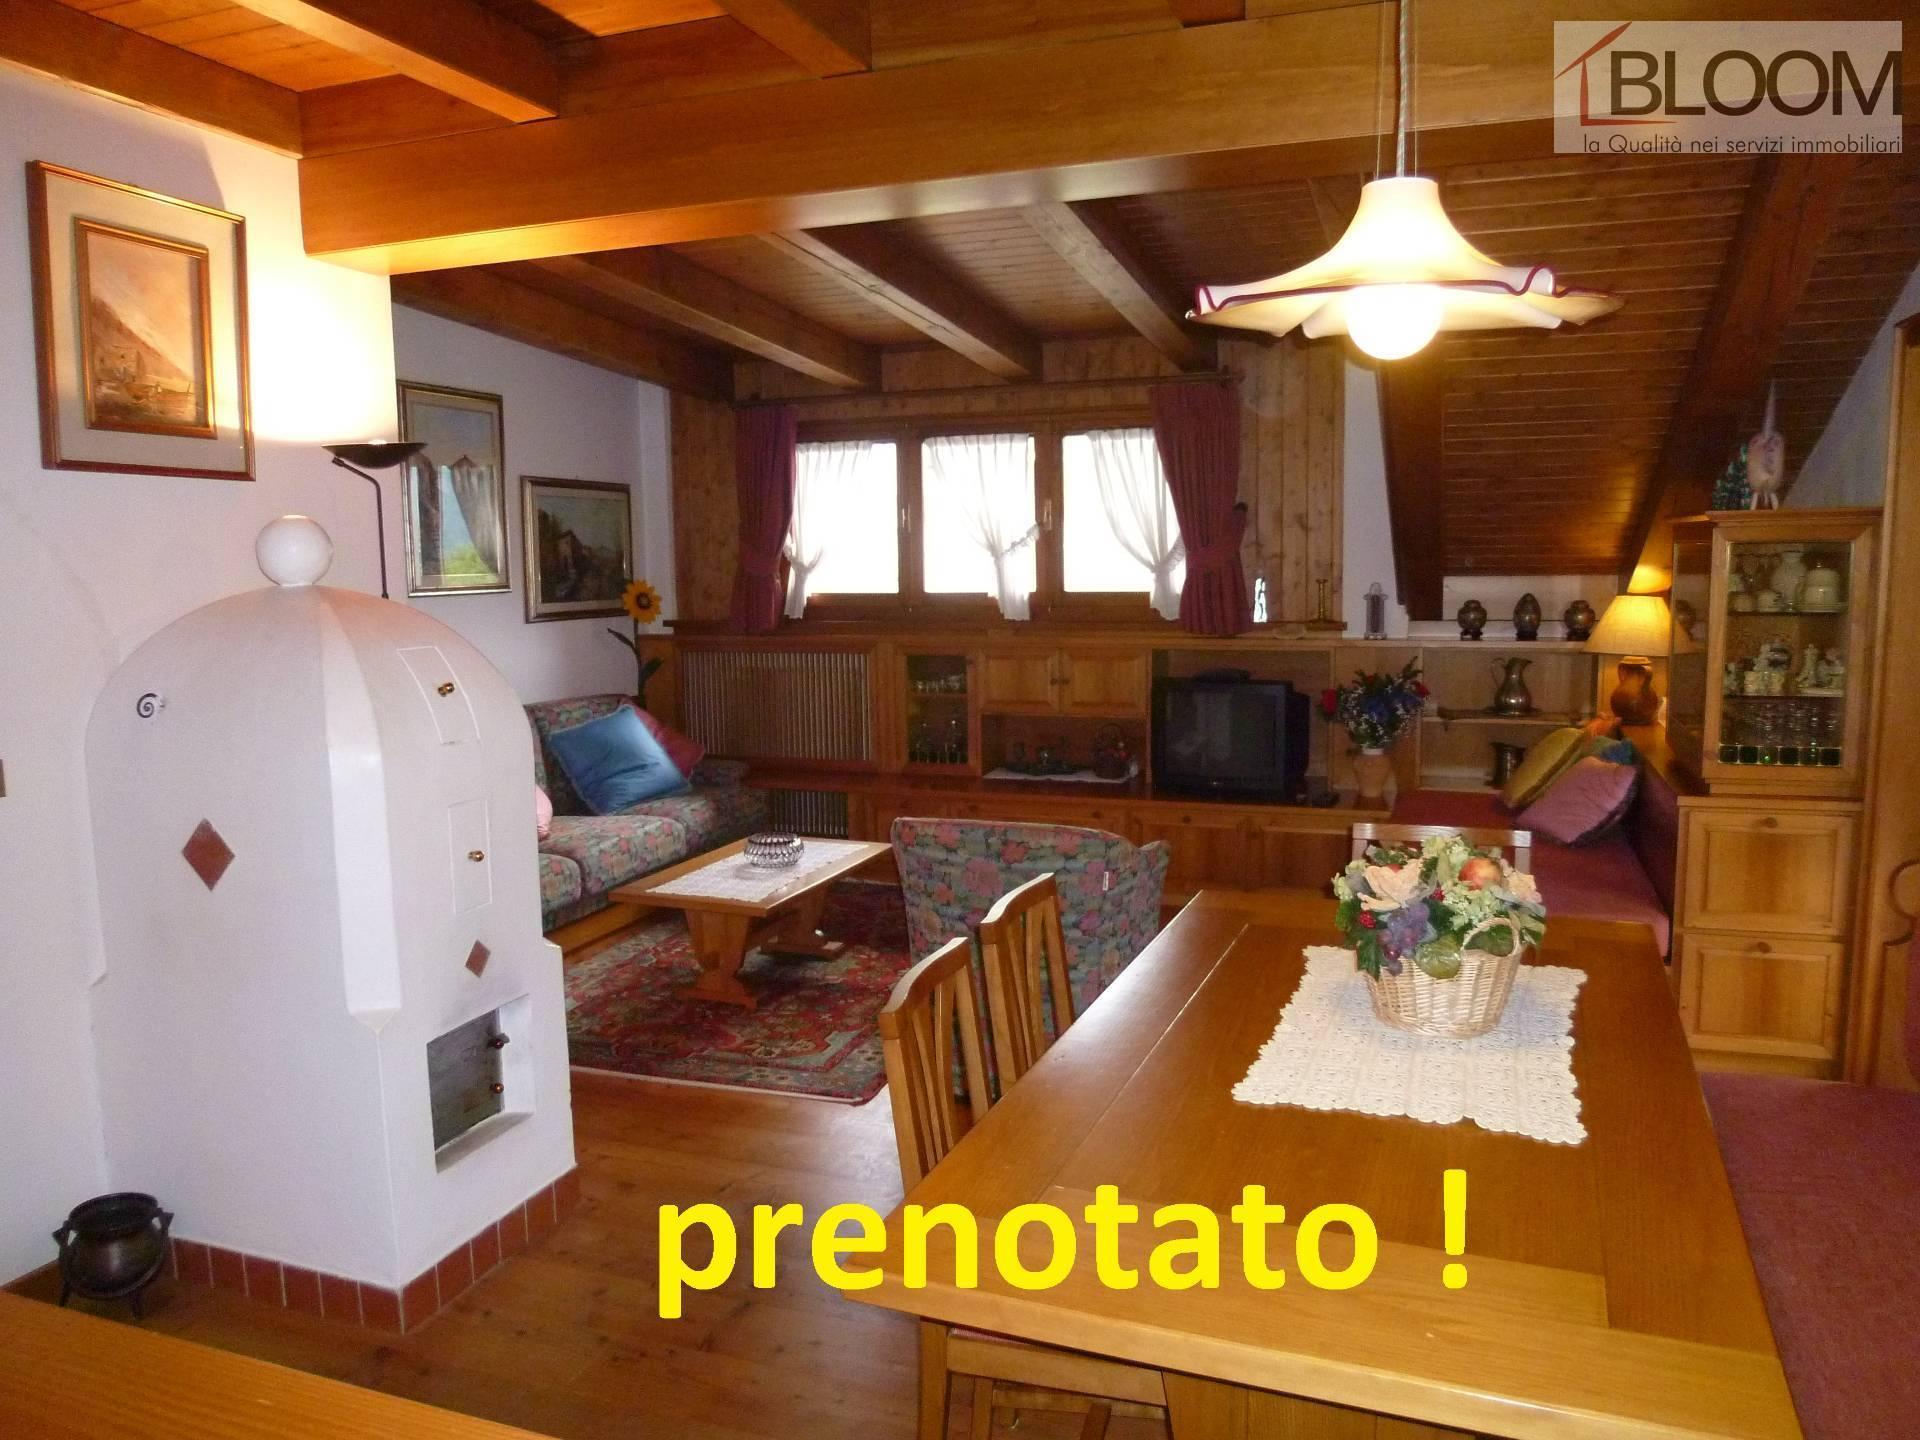 Attico / Mansarda in vendita a Lorenzago di Cadore, 5 locali, prezzo € 160.000 | PortaleAgenzieImmobiliari.it